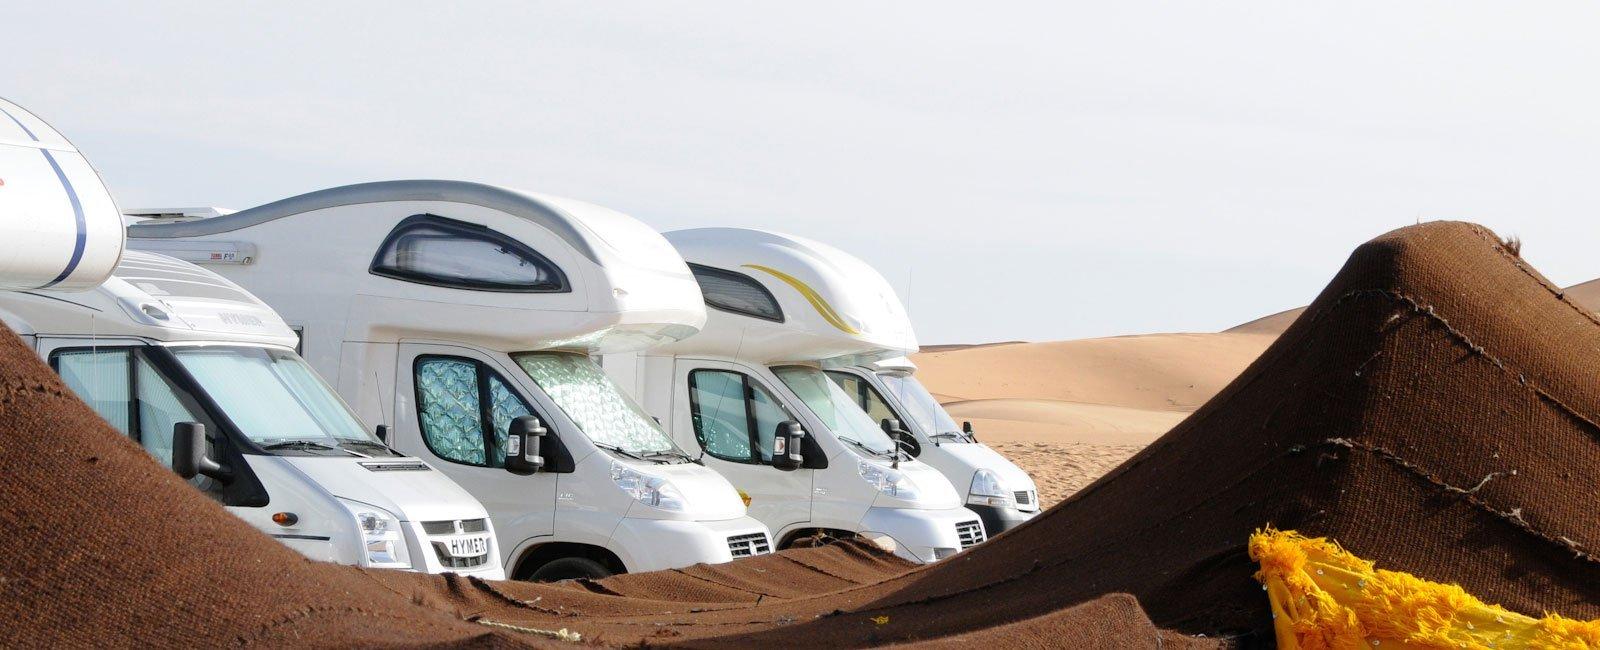 portada-viajes-autocaravana-6